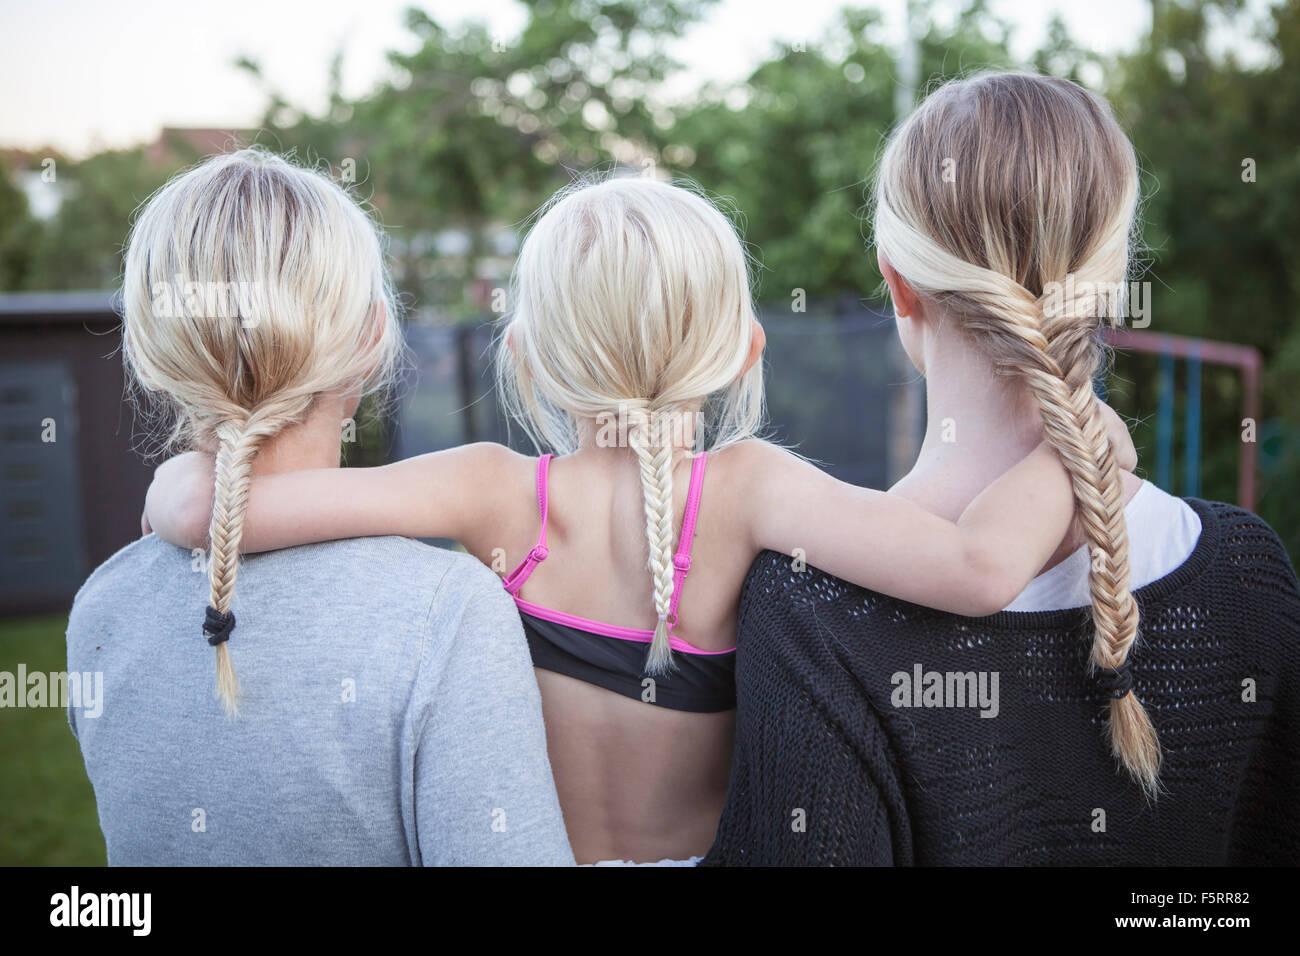 La Suède, Vastergotland, Lerum, vue arrière des filles (8-9, 16-17) avec queue de cheval tressée Photo Stock